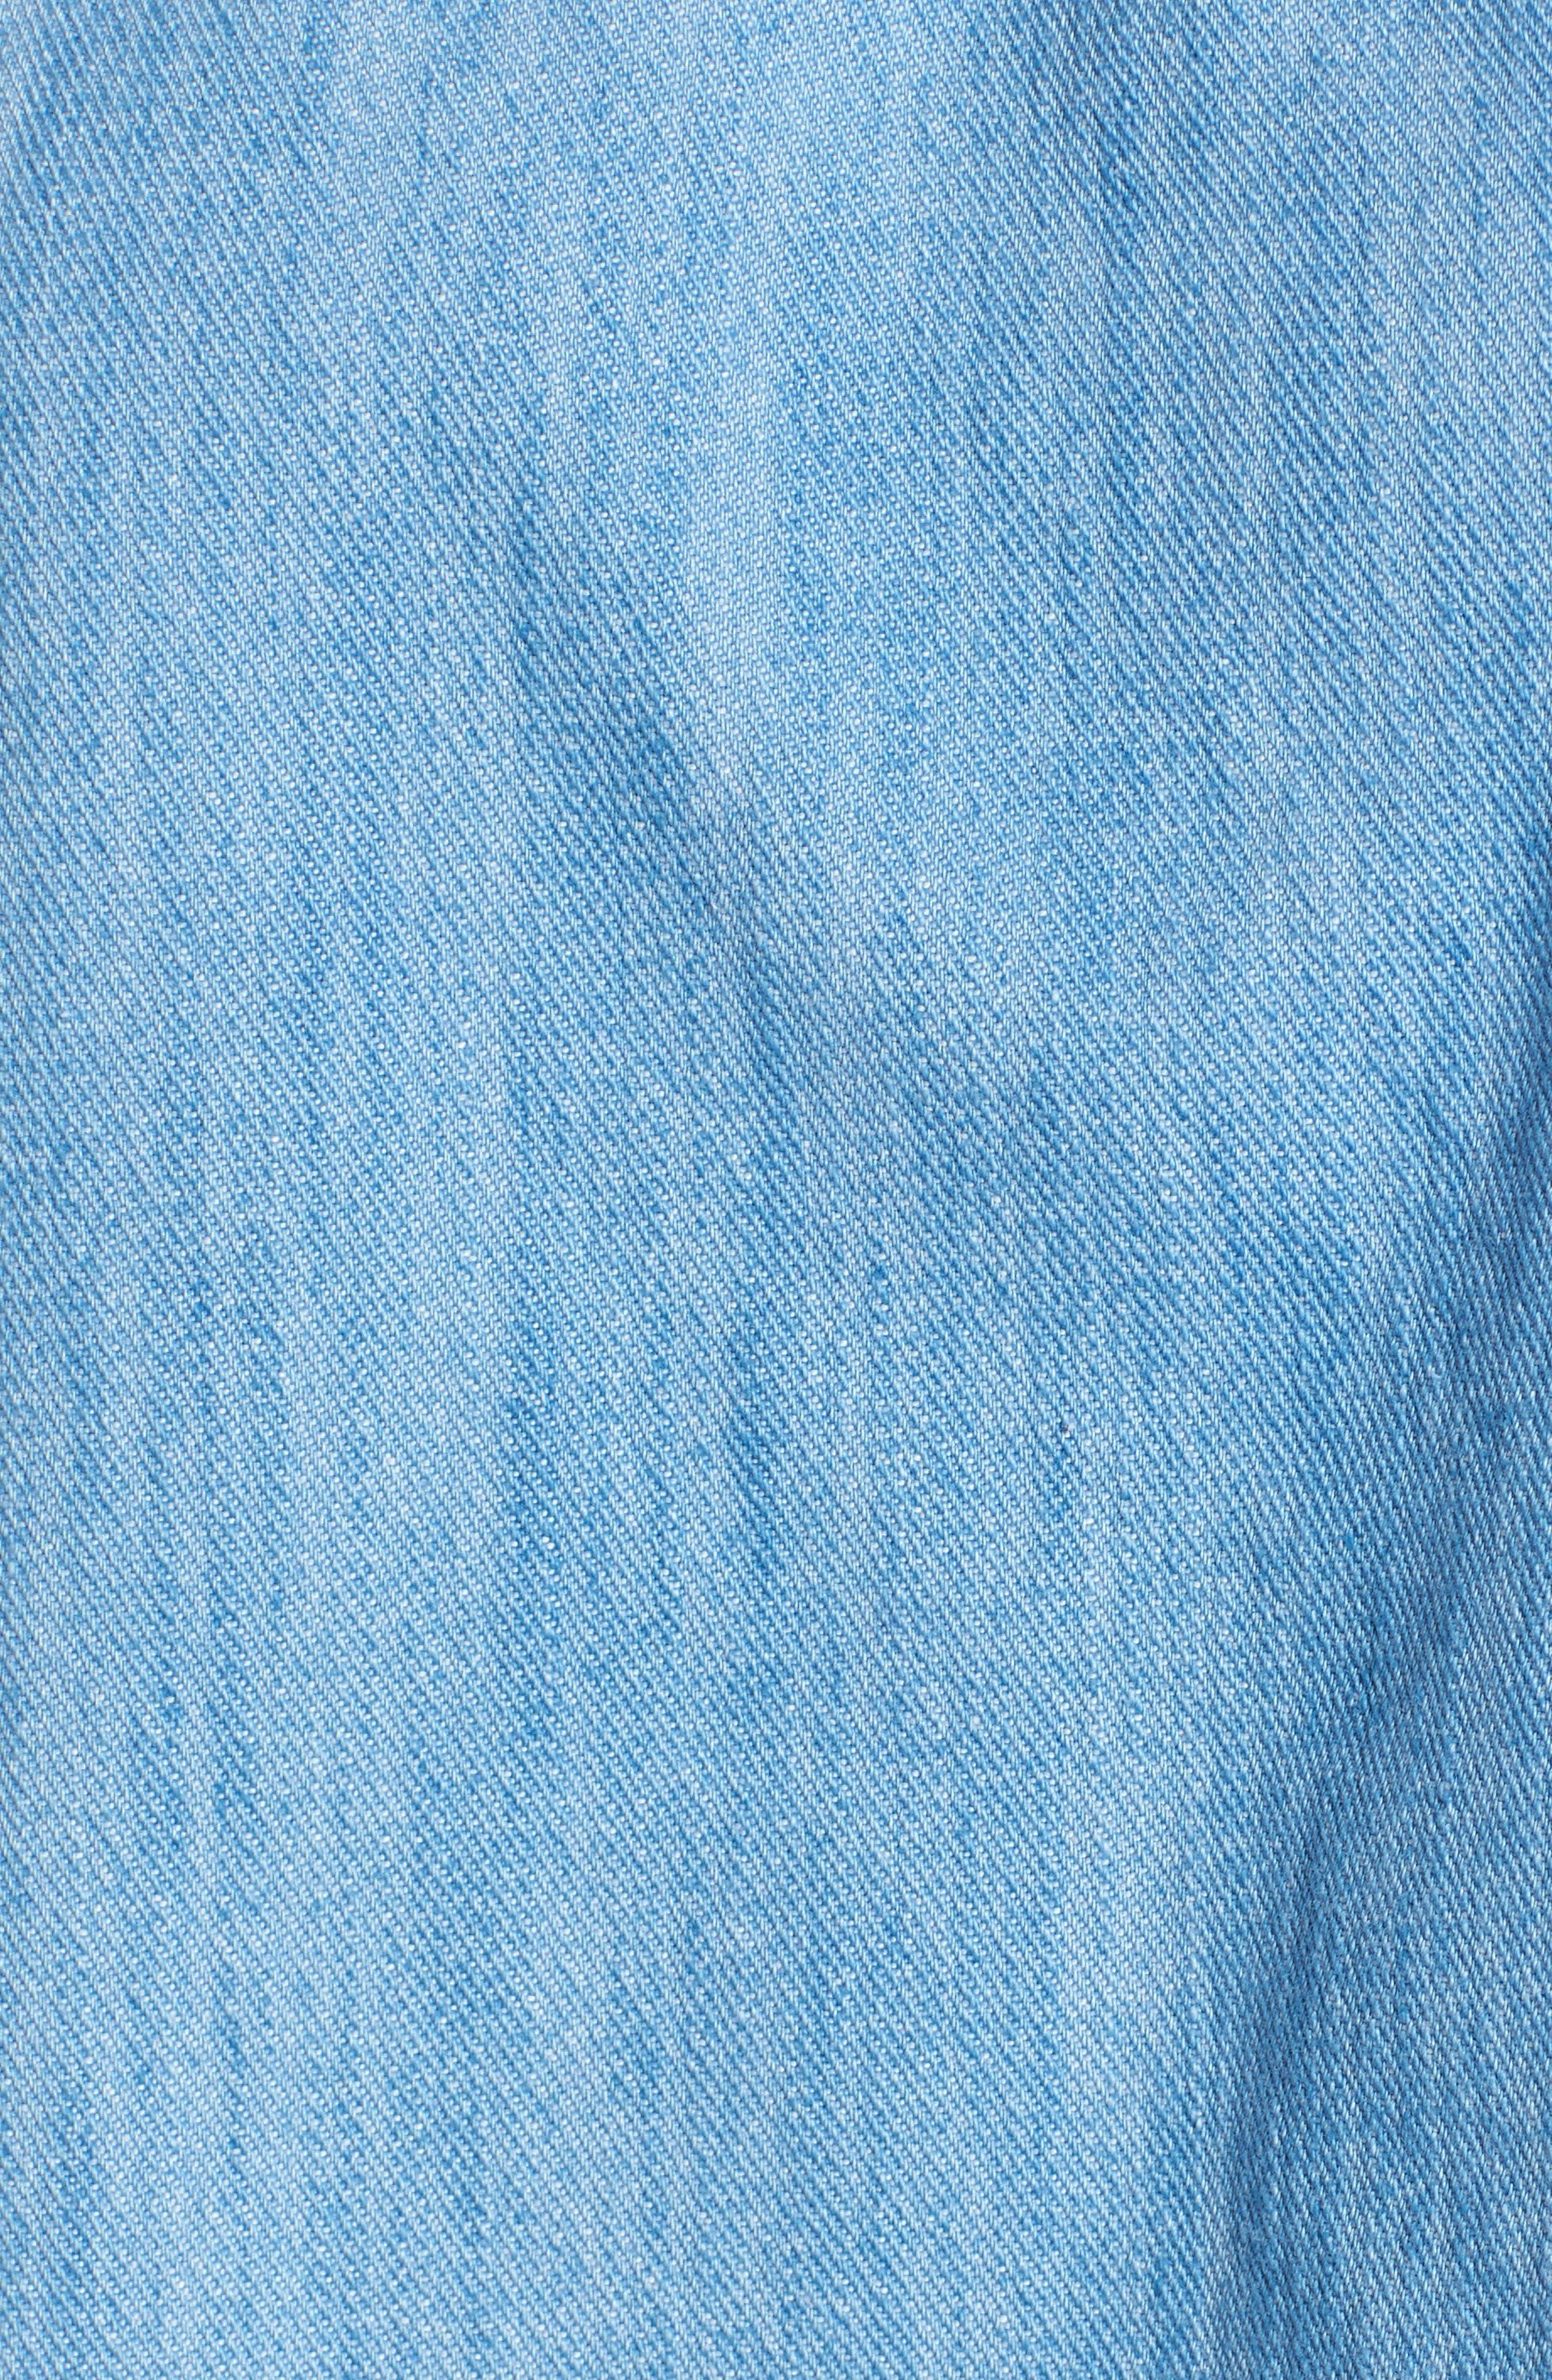 Alternate Image 5  - Tinsel Frayed Denim Off the Shoulder Top